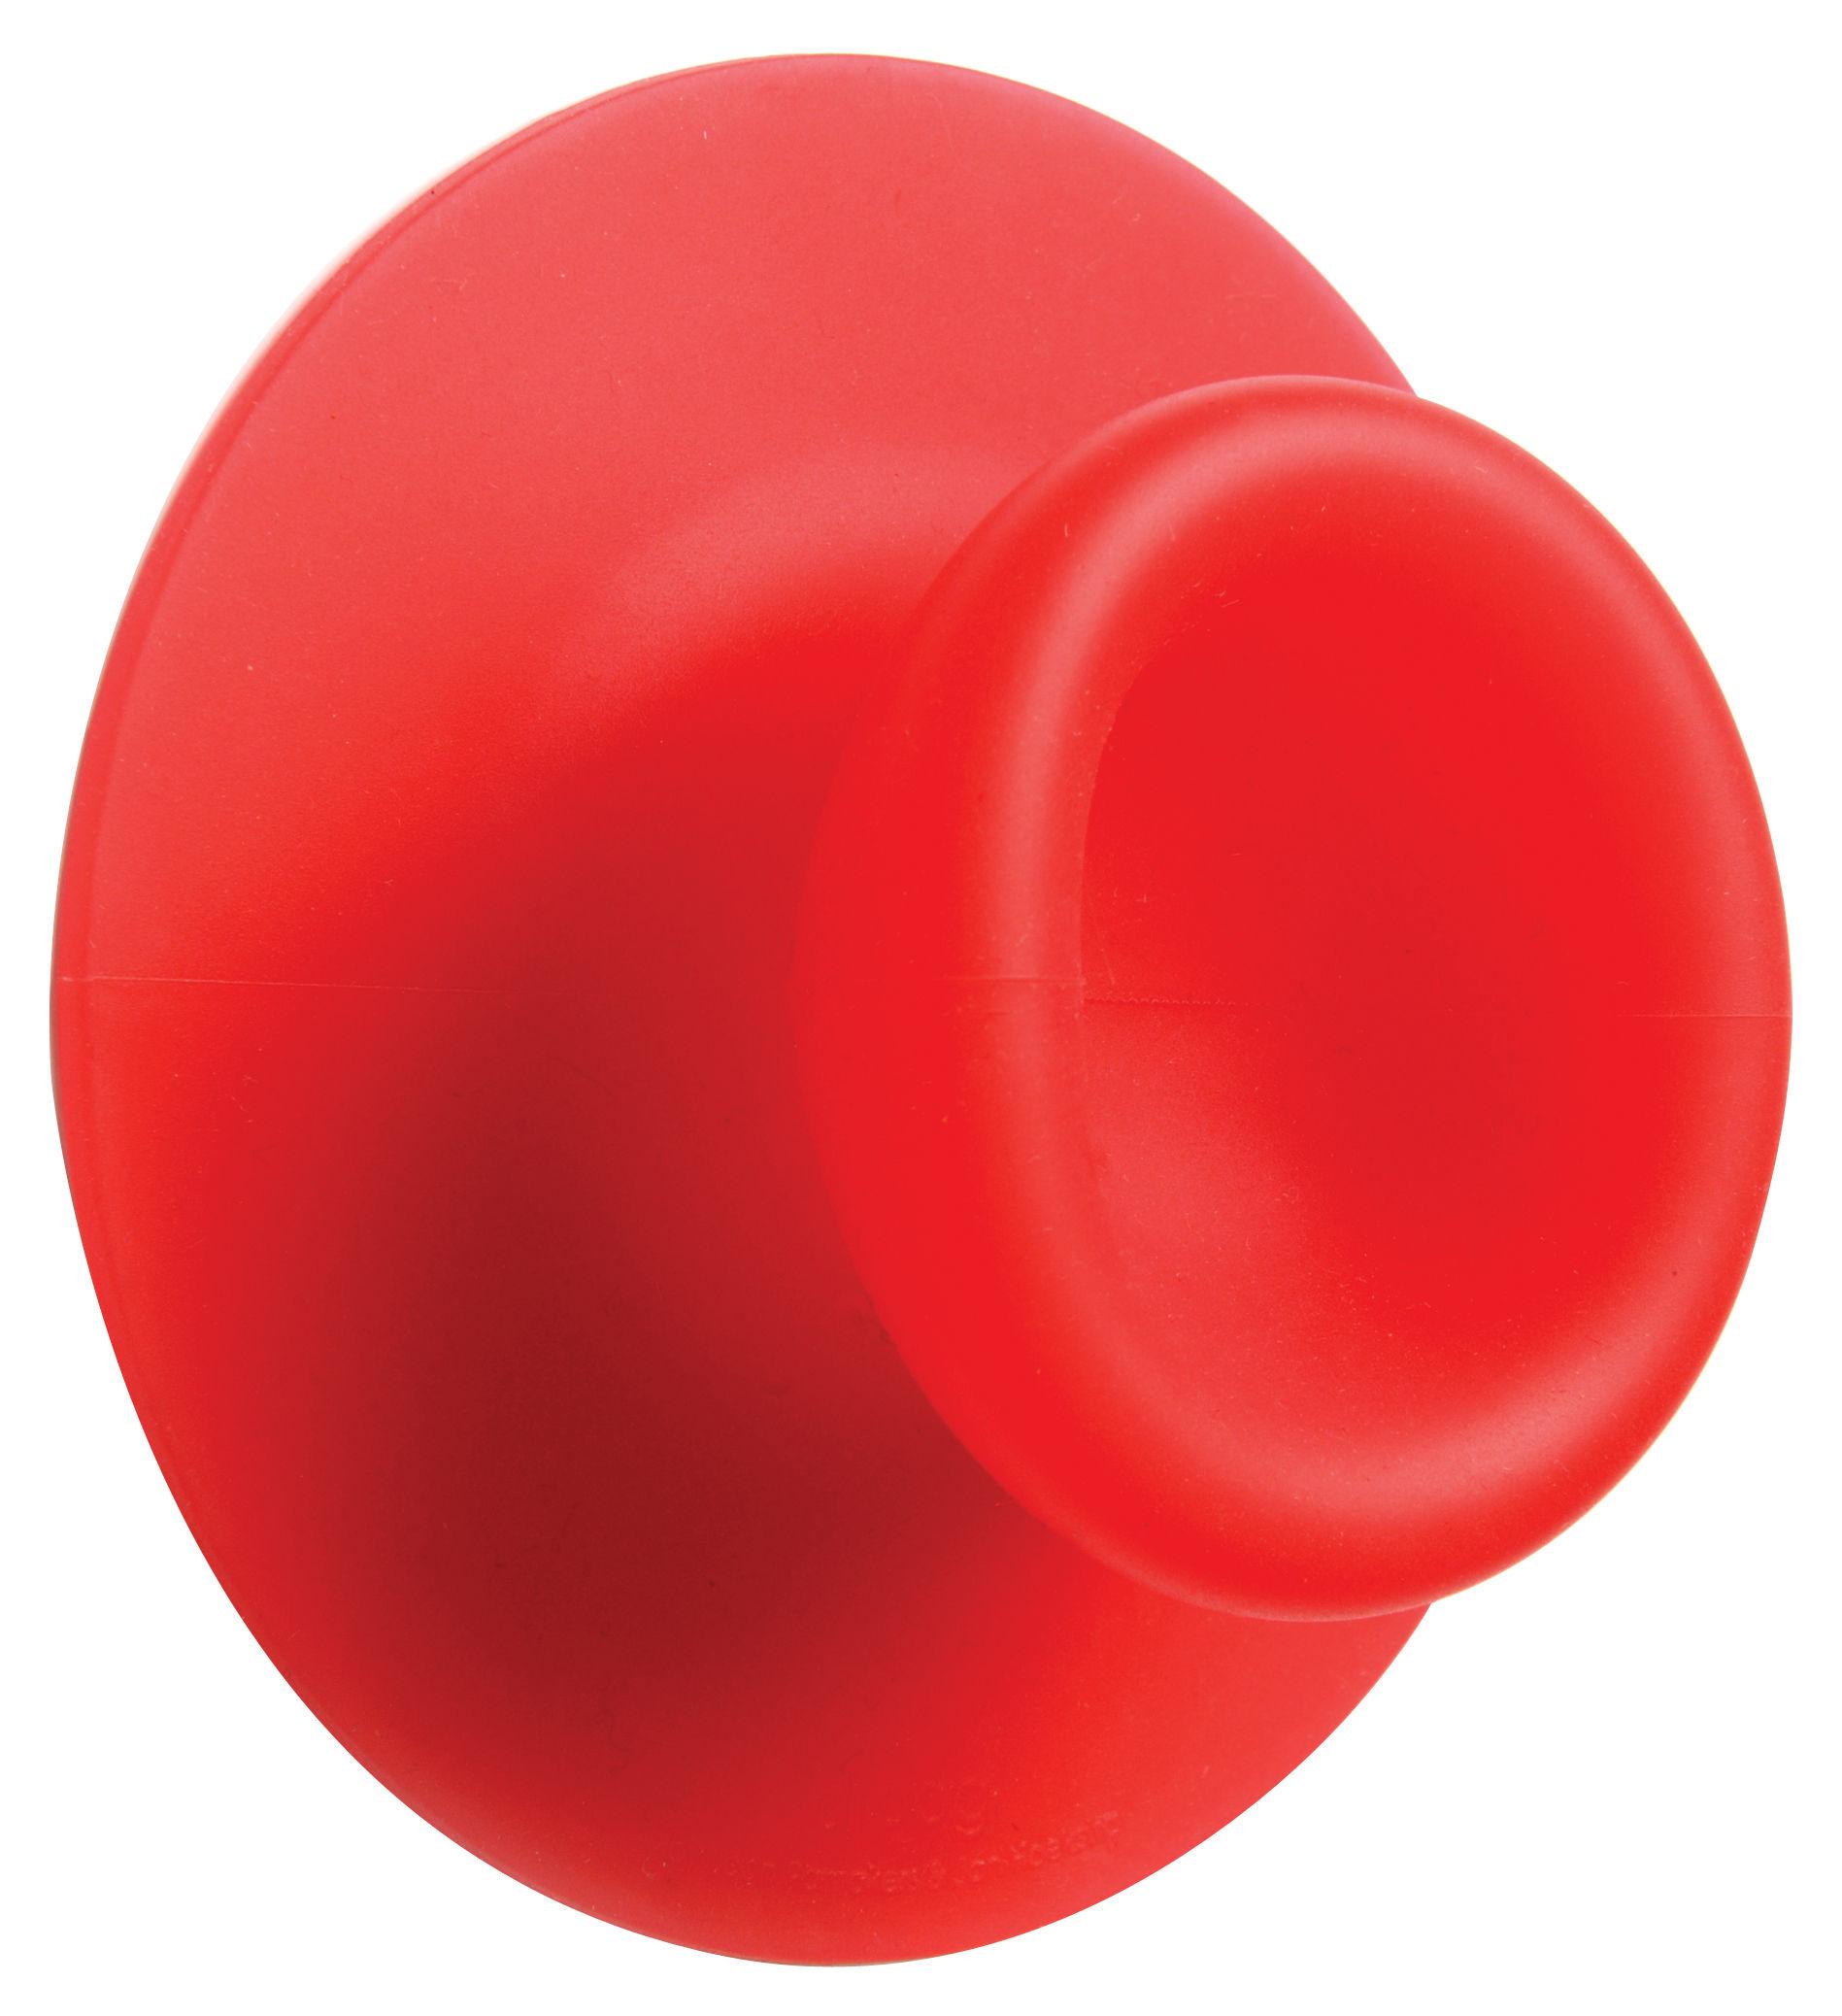 Mobilier - Portemanteaux, patères & portants - Patère Sucker ventouse - droog - Rouge - Silicone